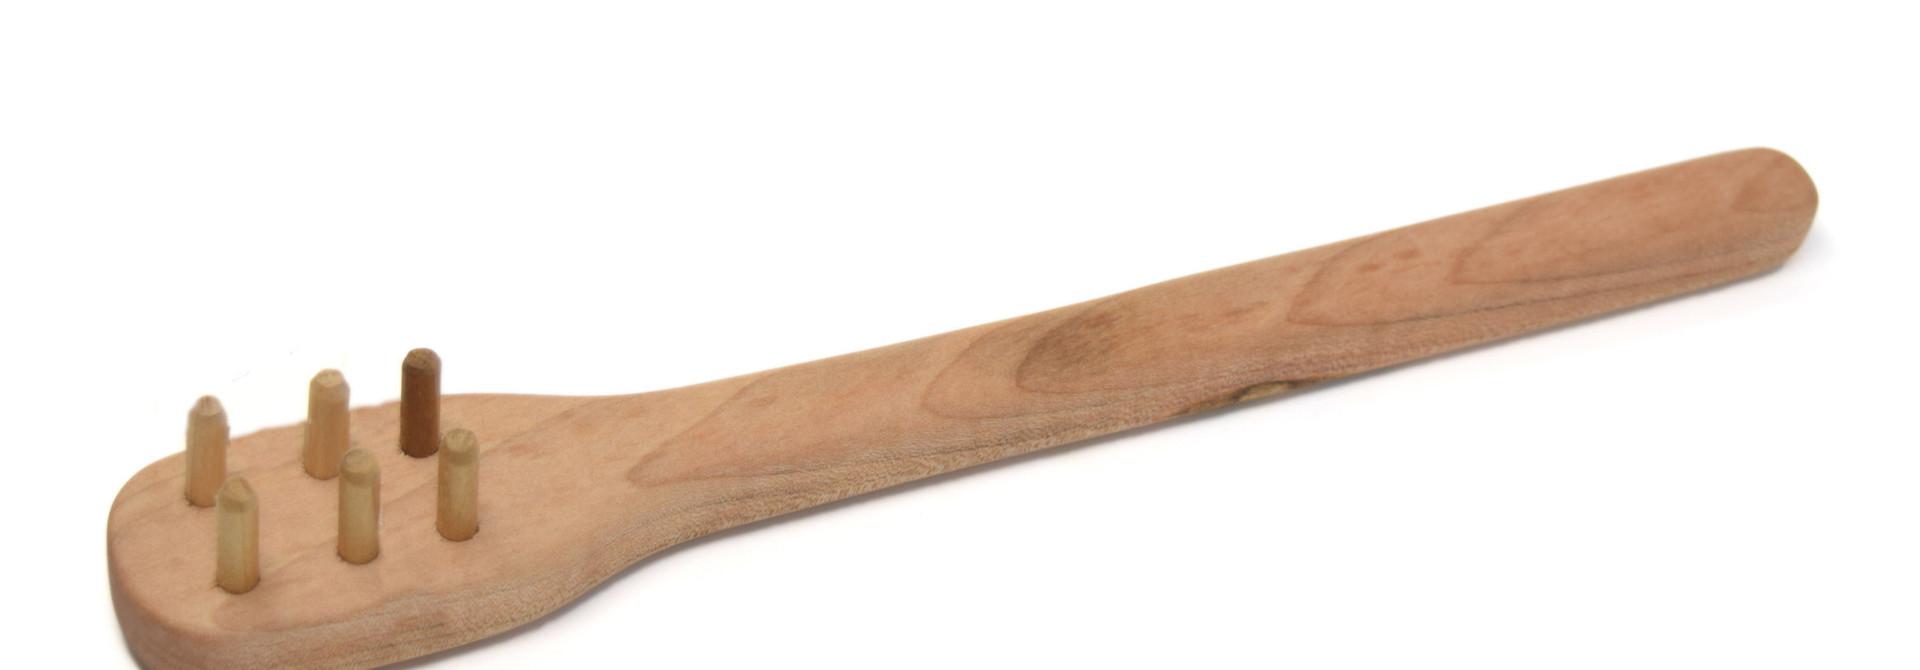 Pasta Spoon